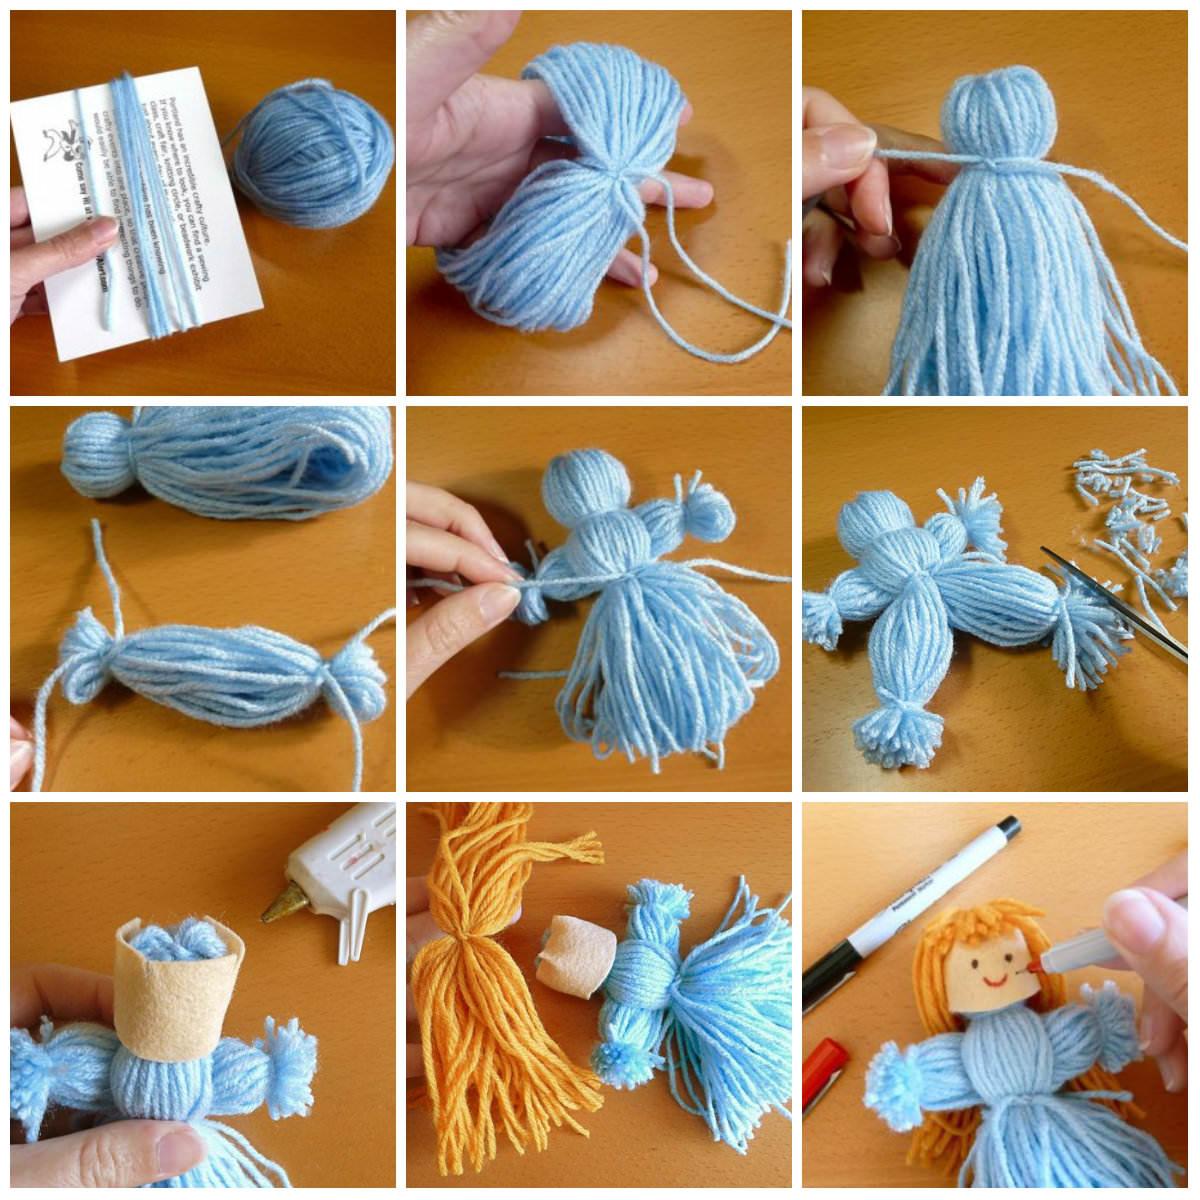 Кукла из ниток своими руками - схема сборки